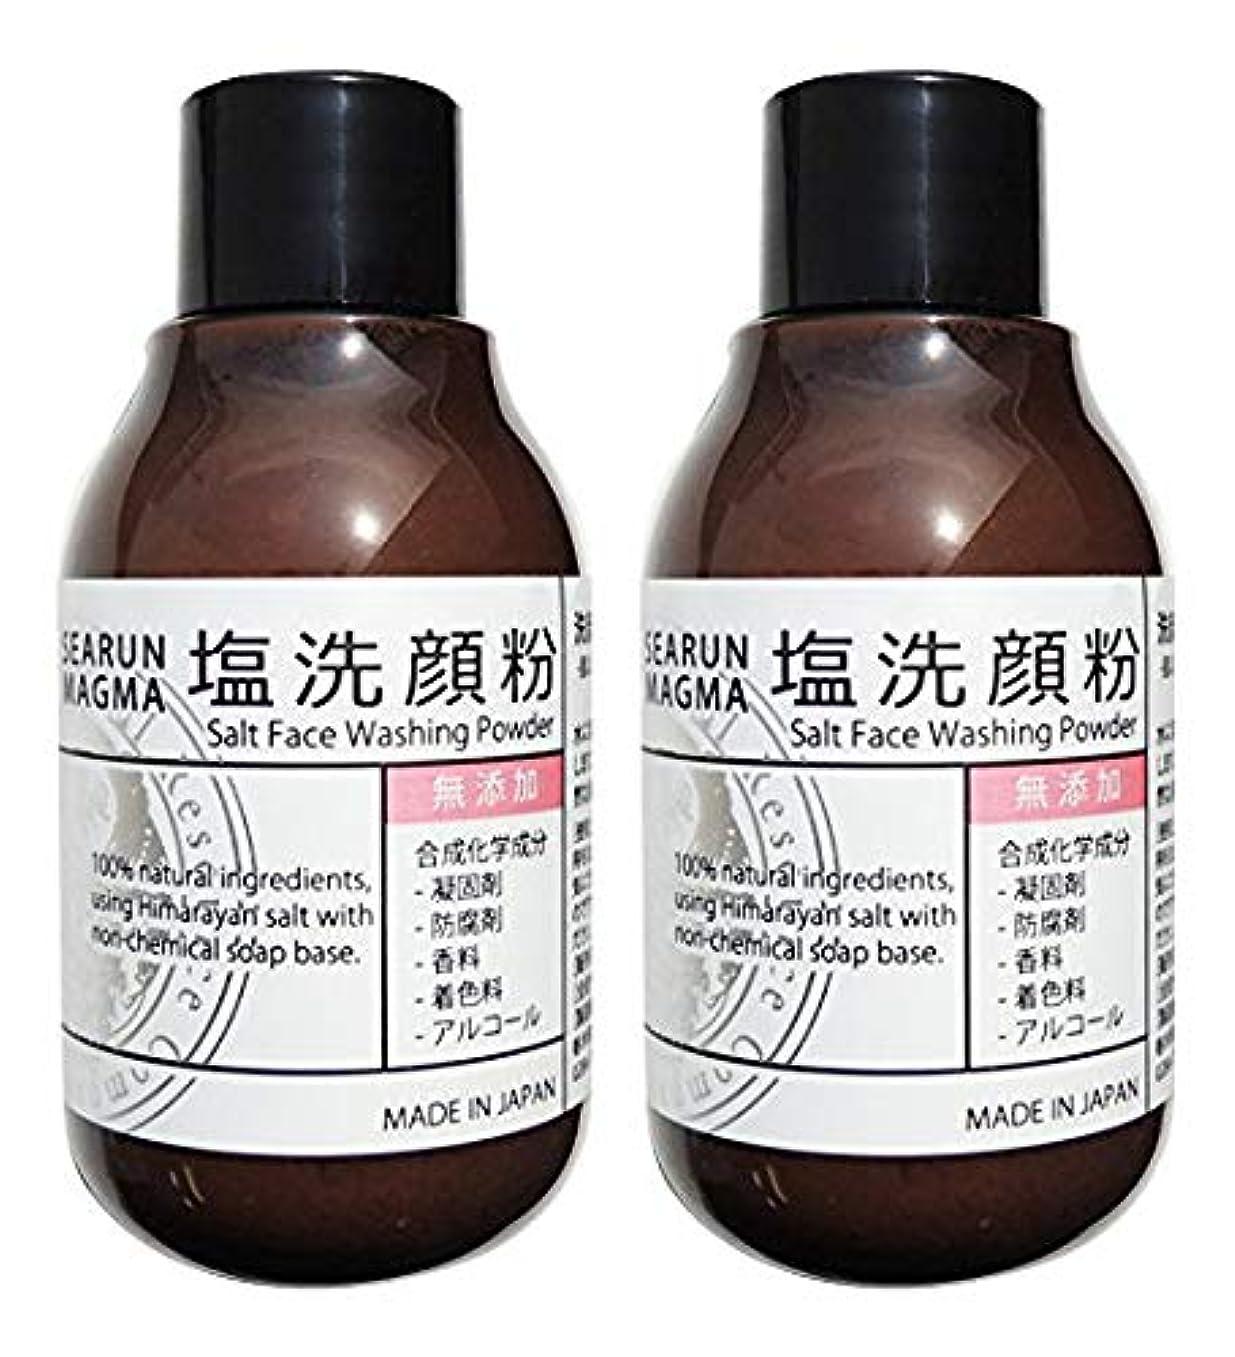 郵便番号おとうさんアッティカスシーラン マグマ洗顔粉 40g (2本)